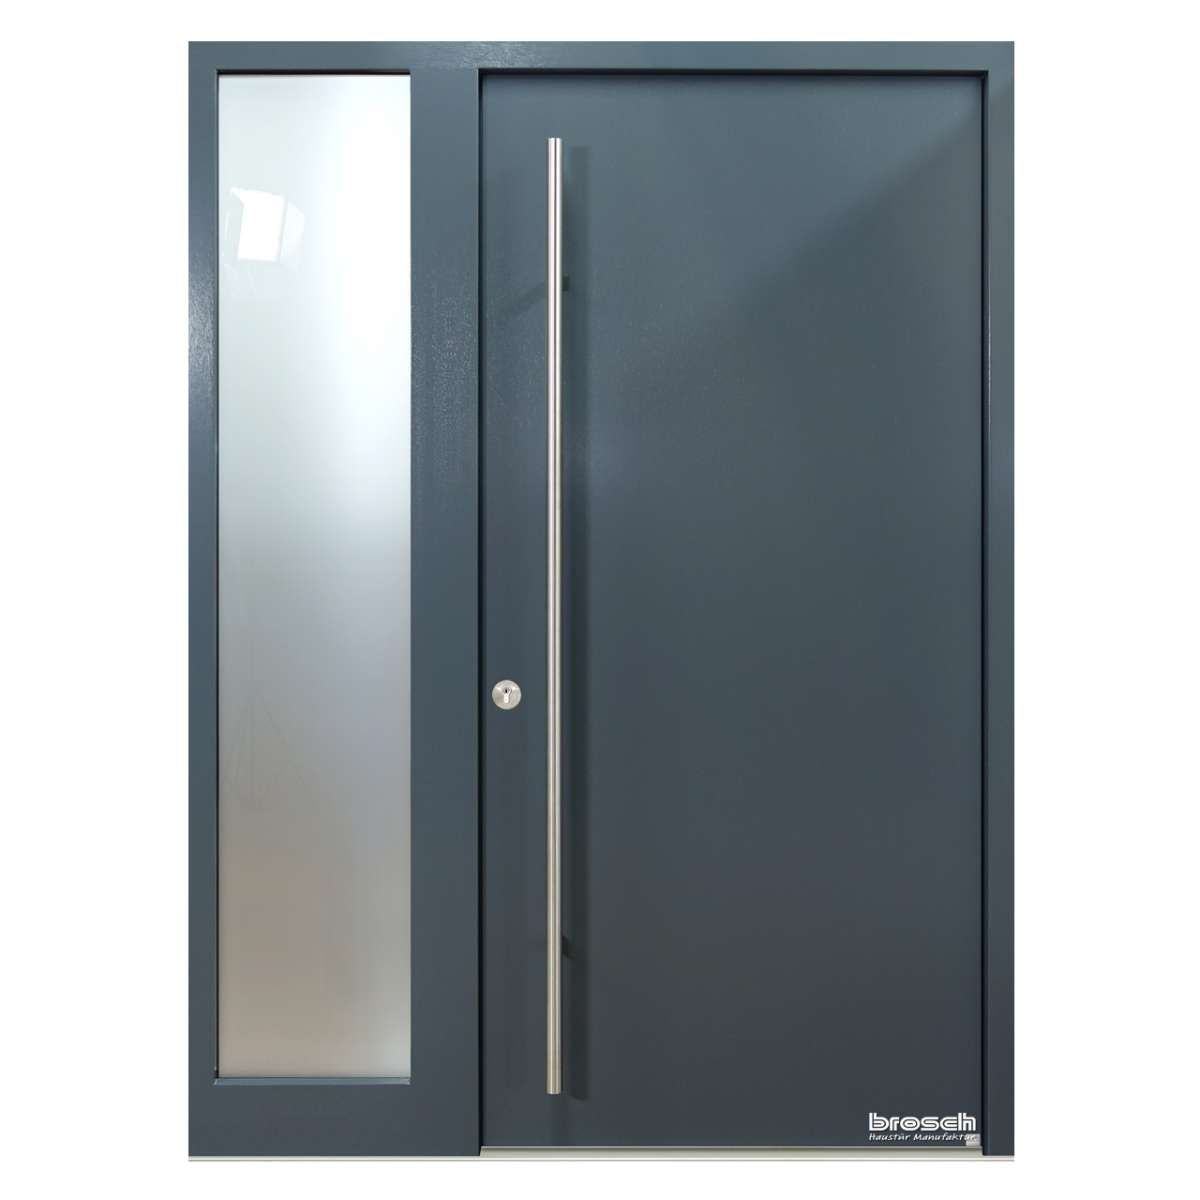 Moderne Haustur Sono 1 Ral Farbe Mit Seitenteil Bis 160 Cm